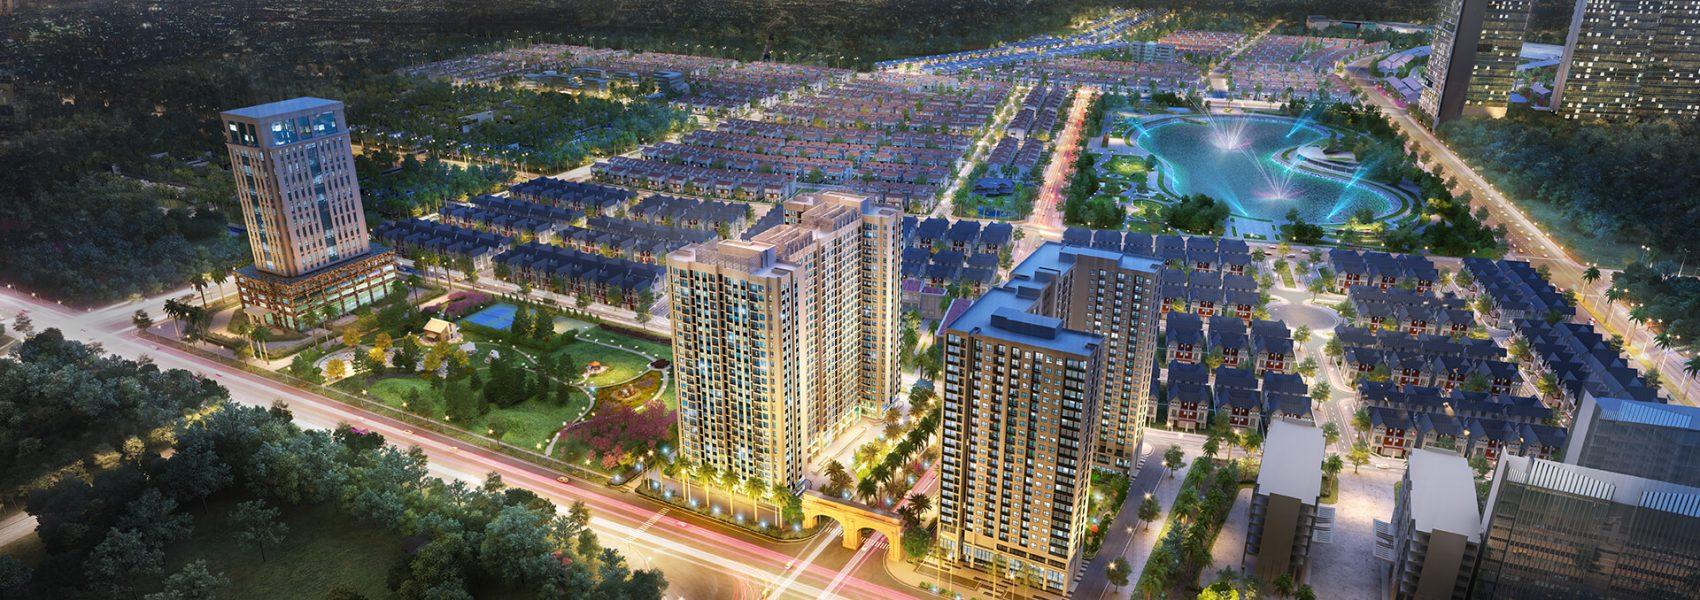 Tổng quan chung cư Anland Premium khu đô thị Dương Nội